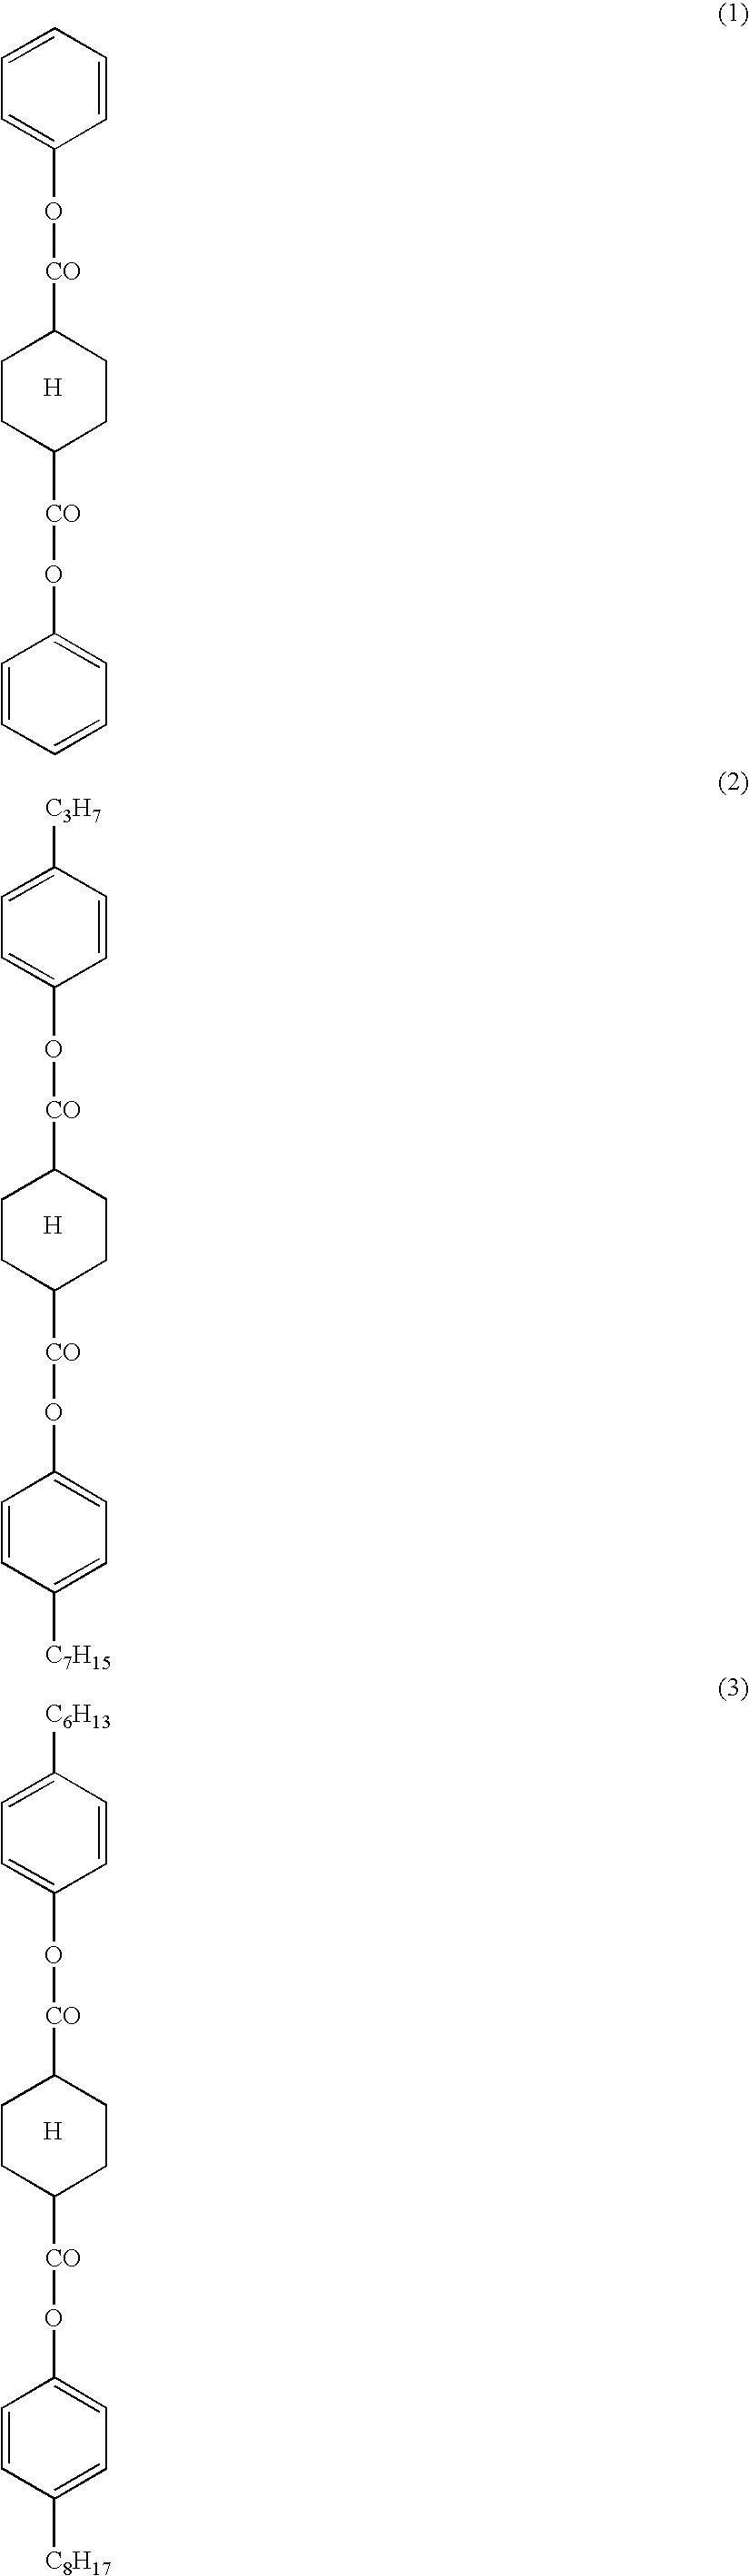 Figure US20090079910A1-20090326-C00001